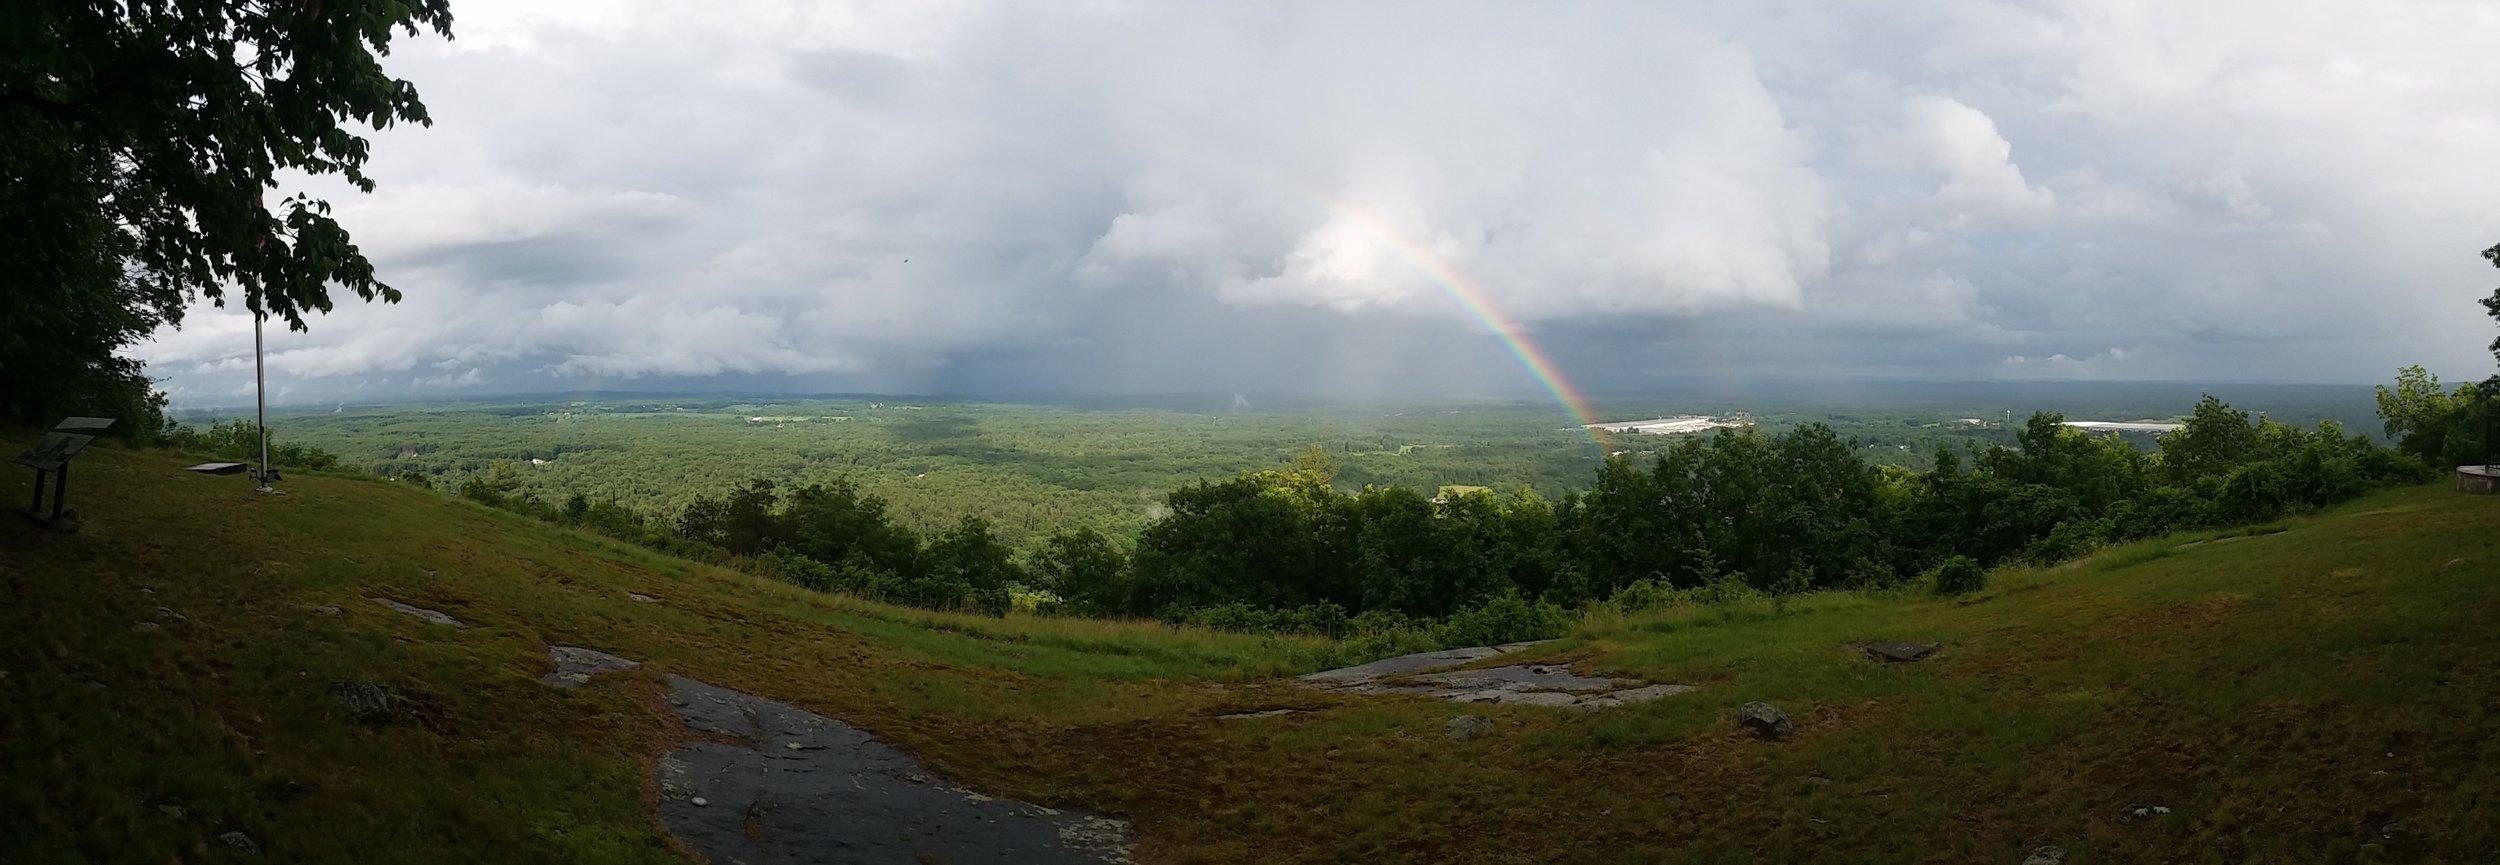 Overlook Rainbow Pano.jpg